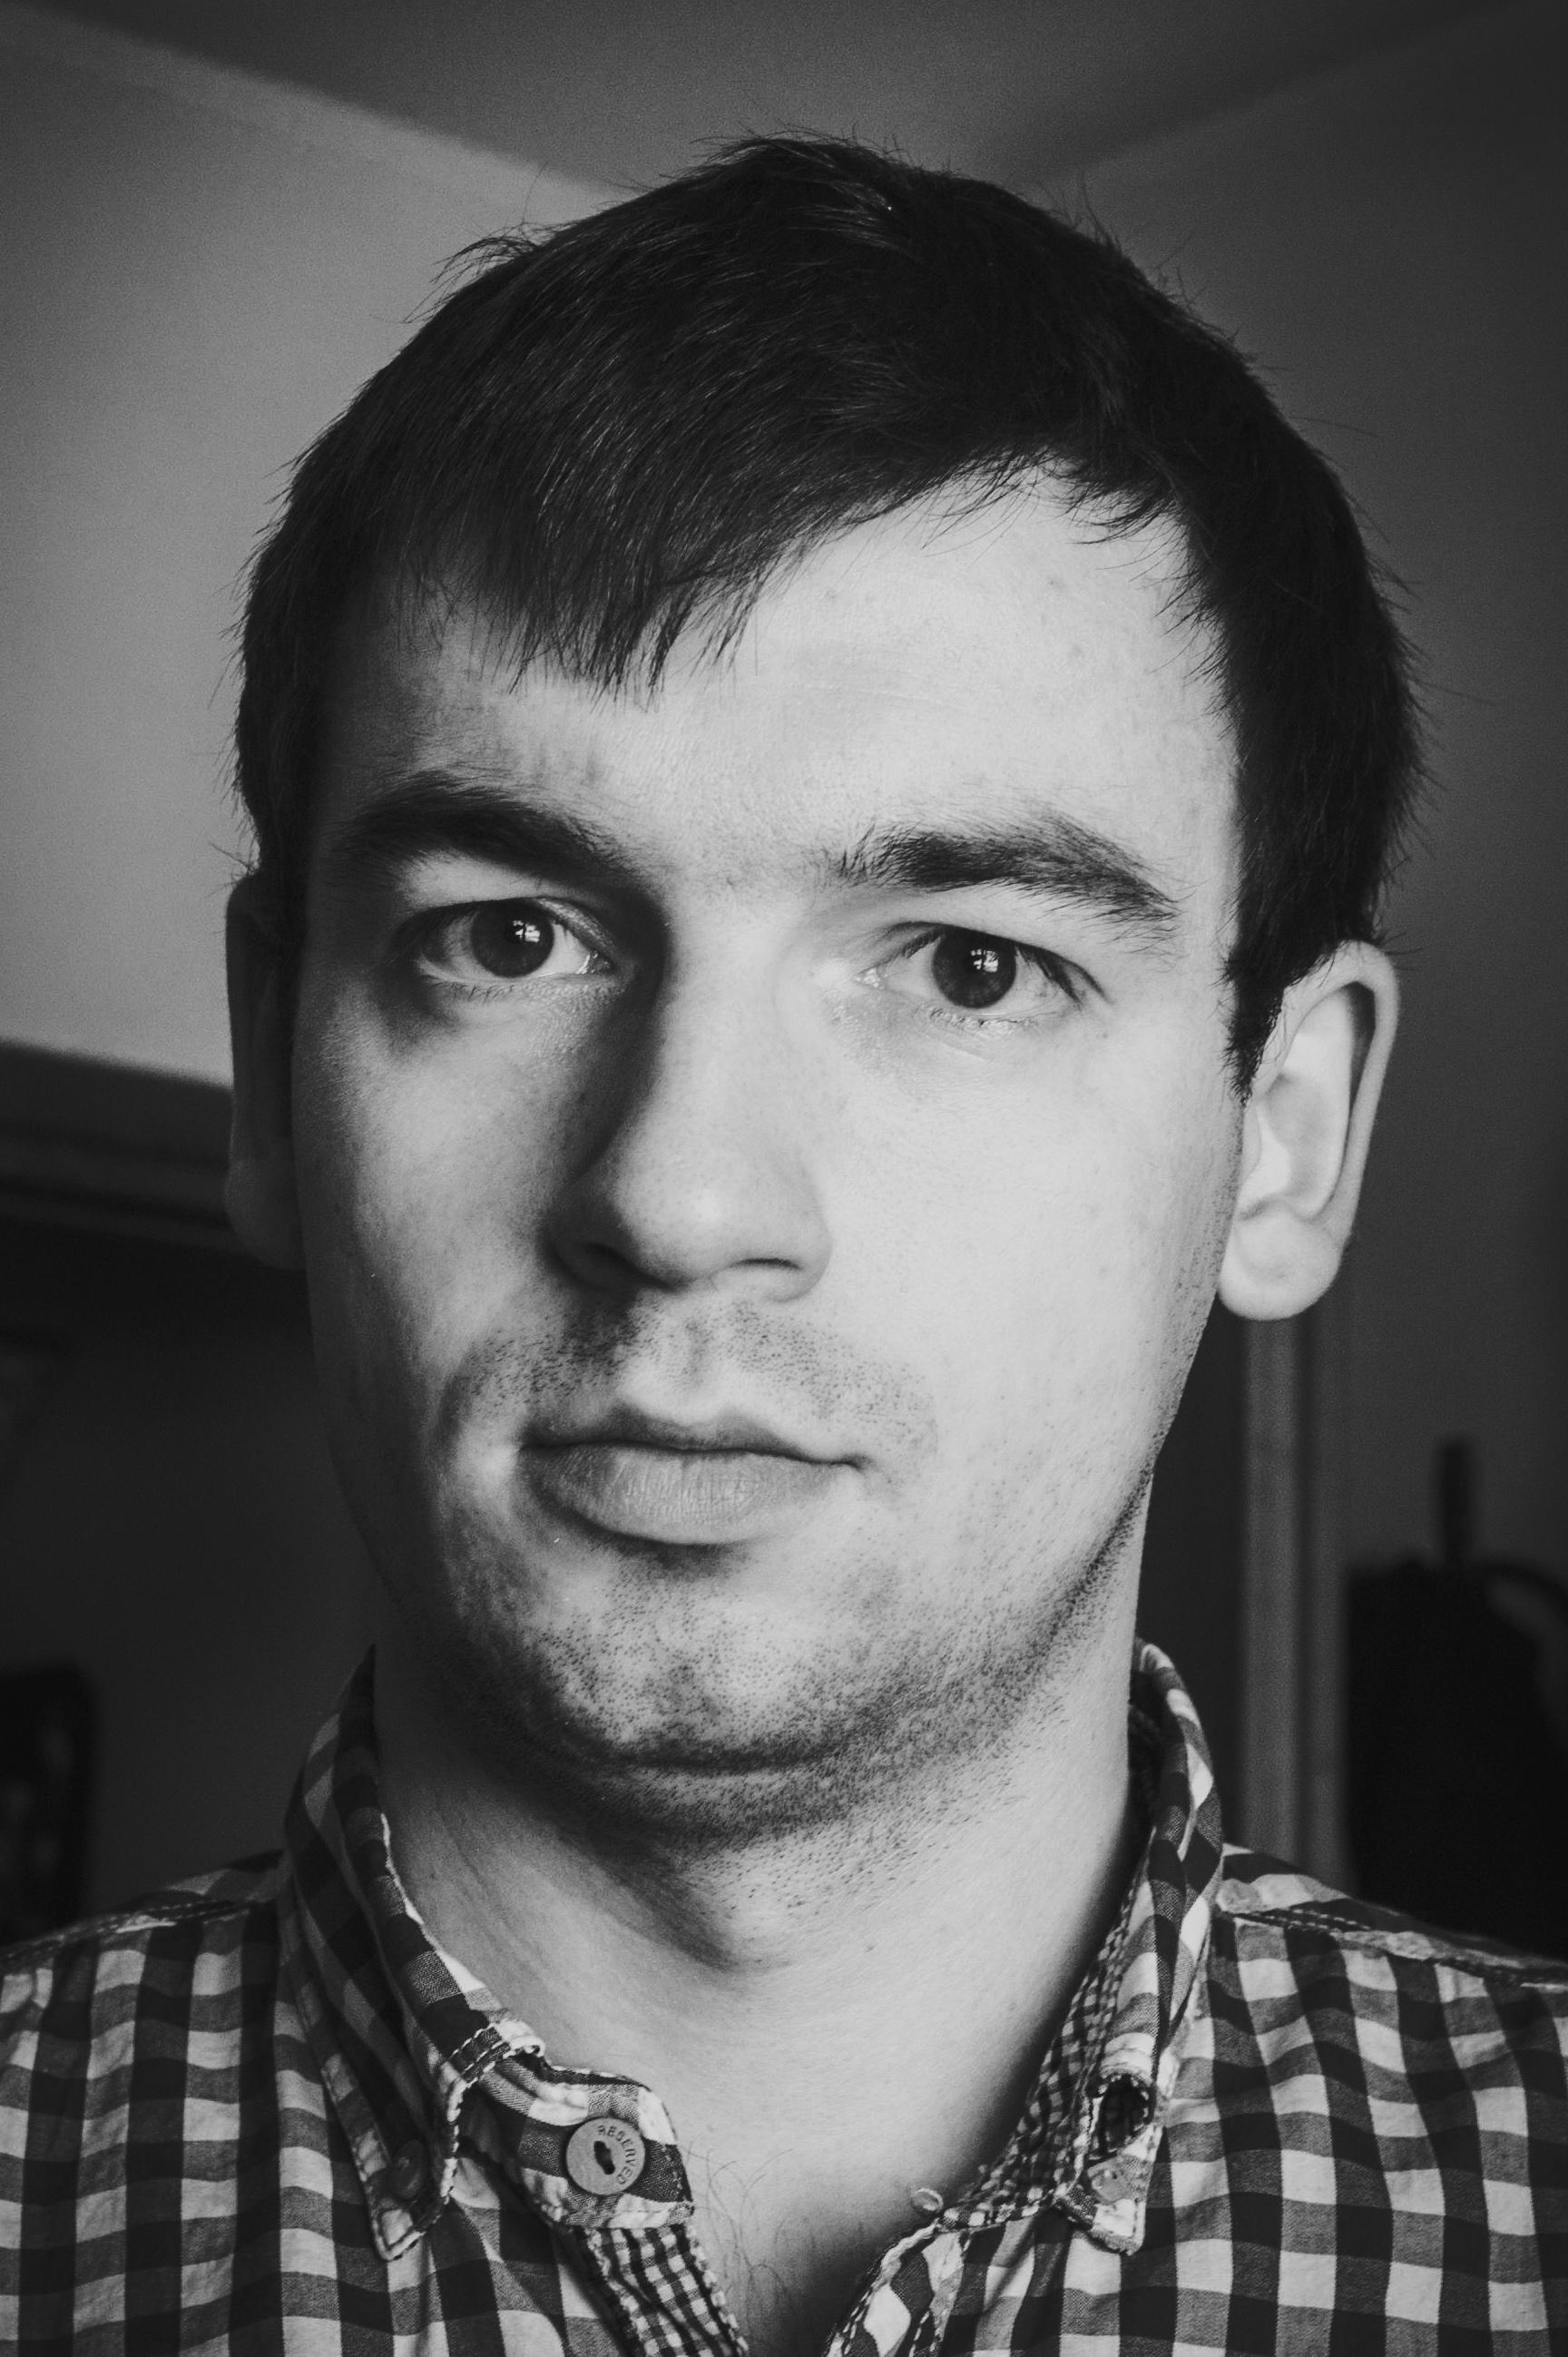 Rafał Oleksiewicz